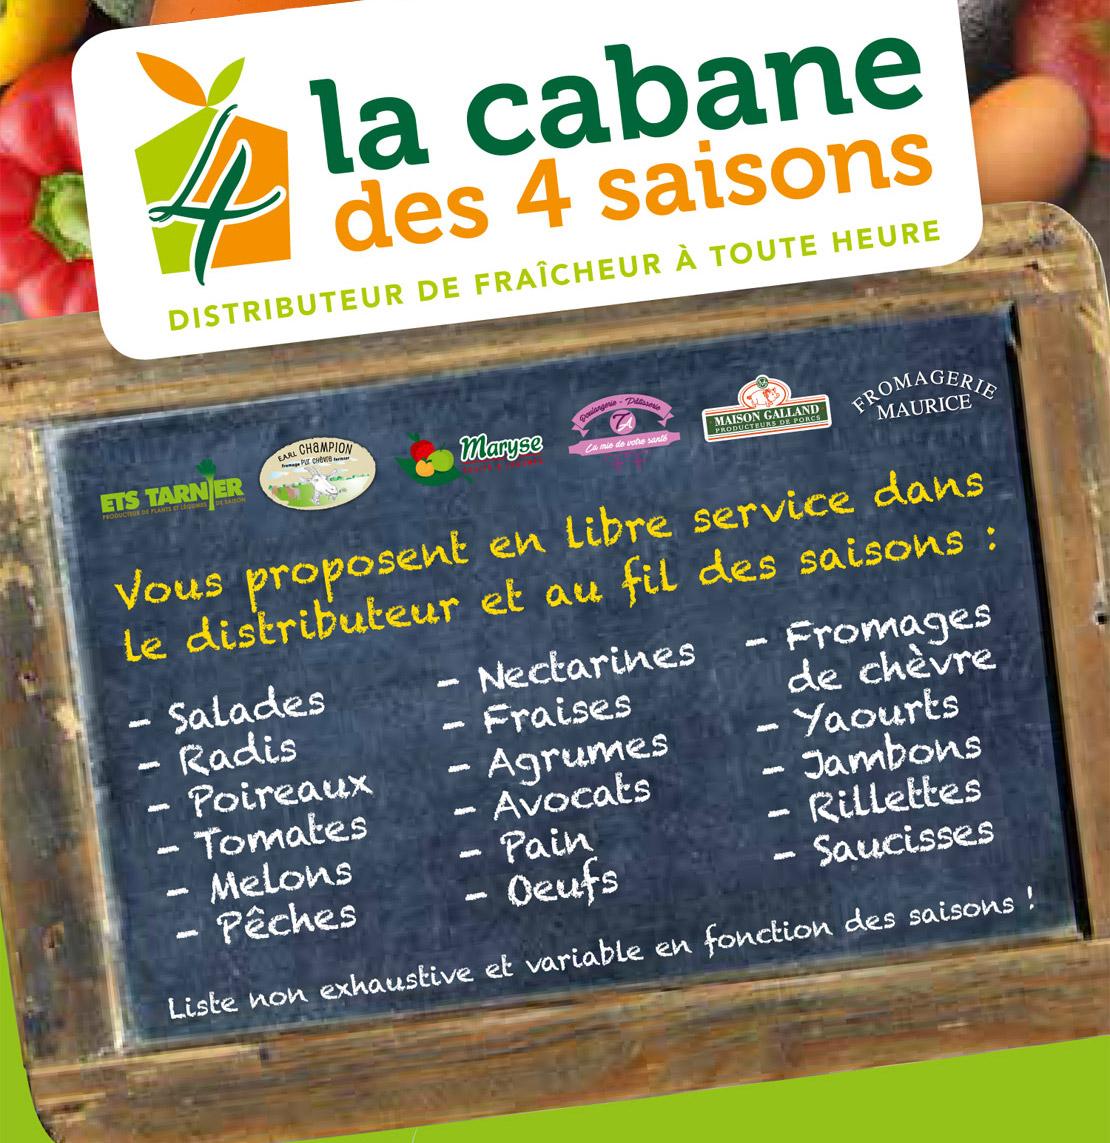 La cabane des 4 saisons vous propose tout au long de l'année : légumes, fruits, fromage, yaourt, viande, pain, ...